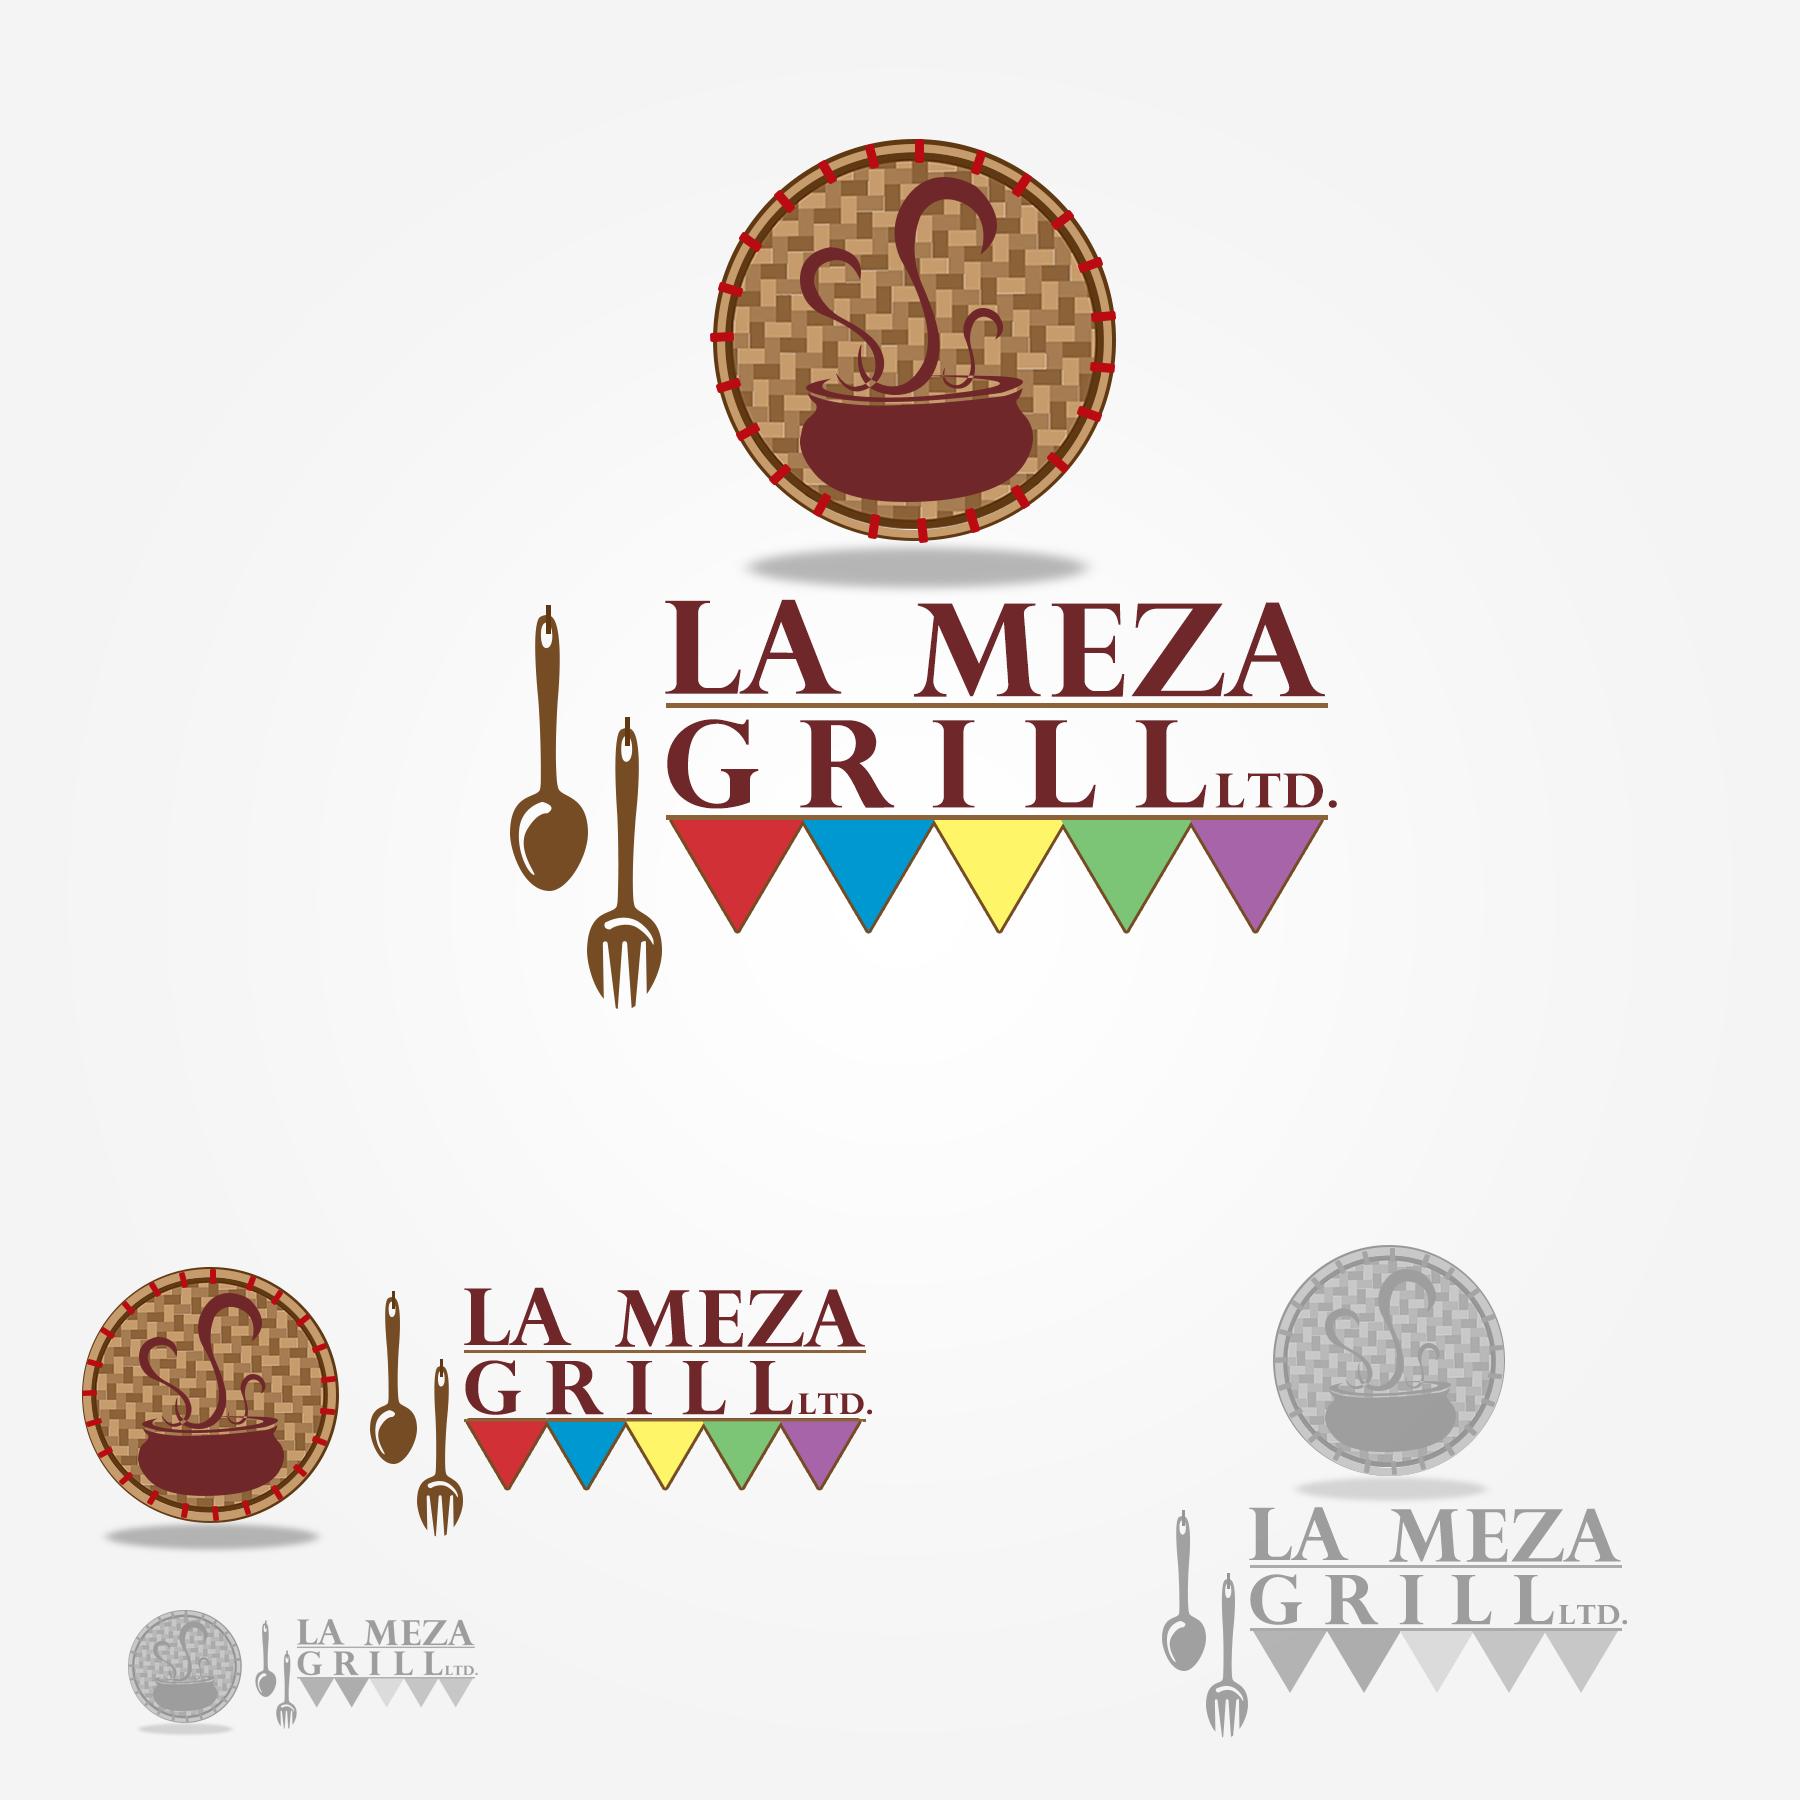 Logo Design by Lemuel Arvin Tanzo - Entry No. 62 in the Logo Design Contest Inspiring Logo Design for La Meza Grill Ltd..